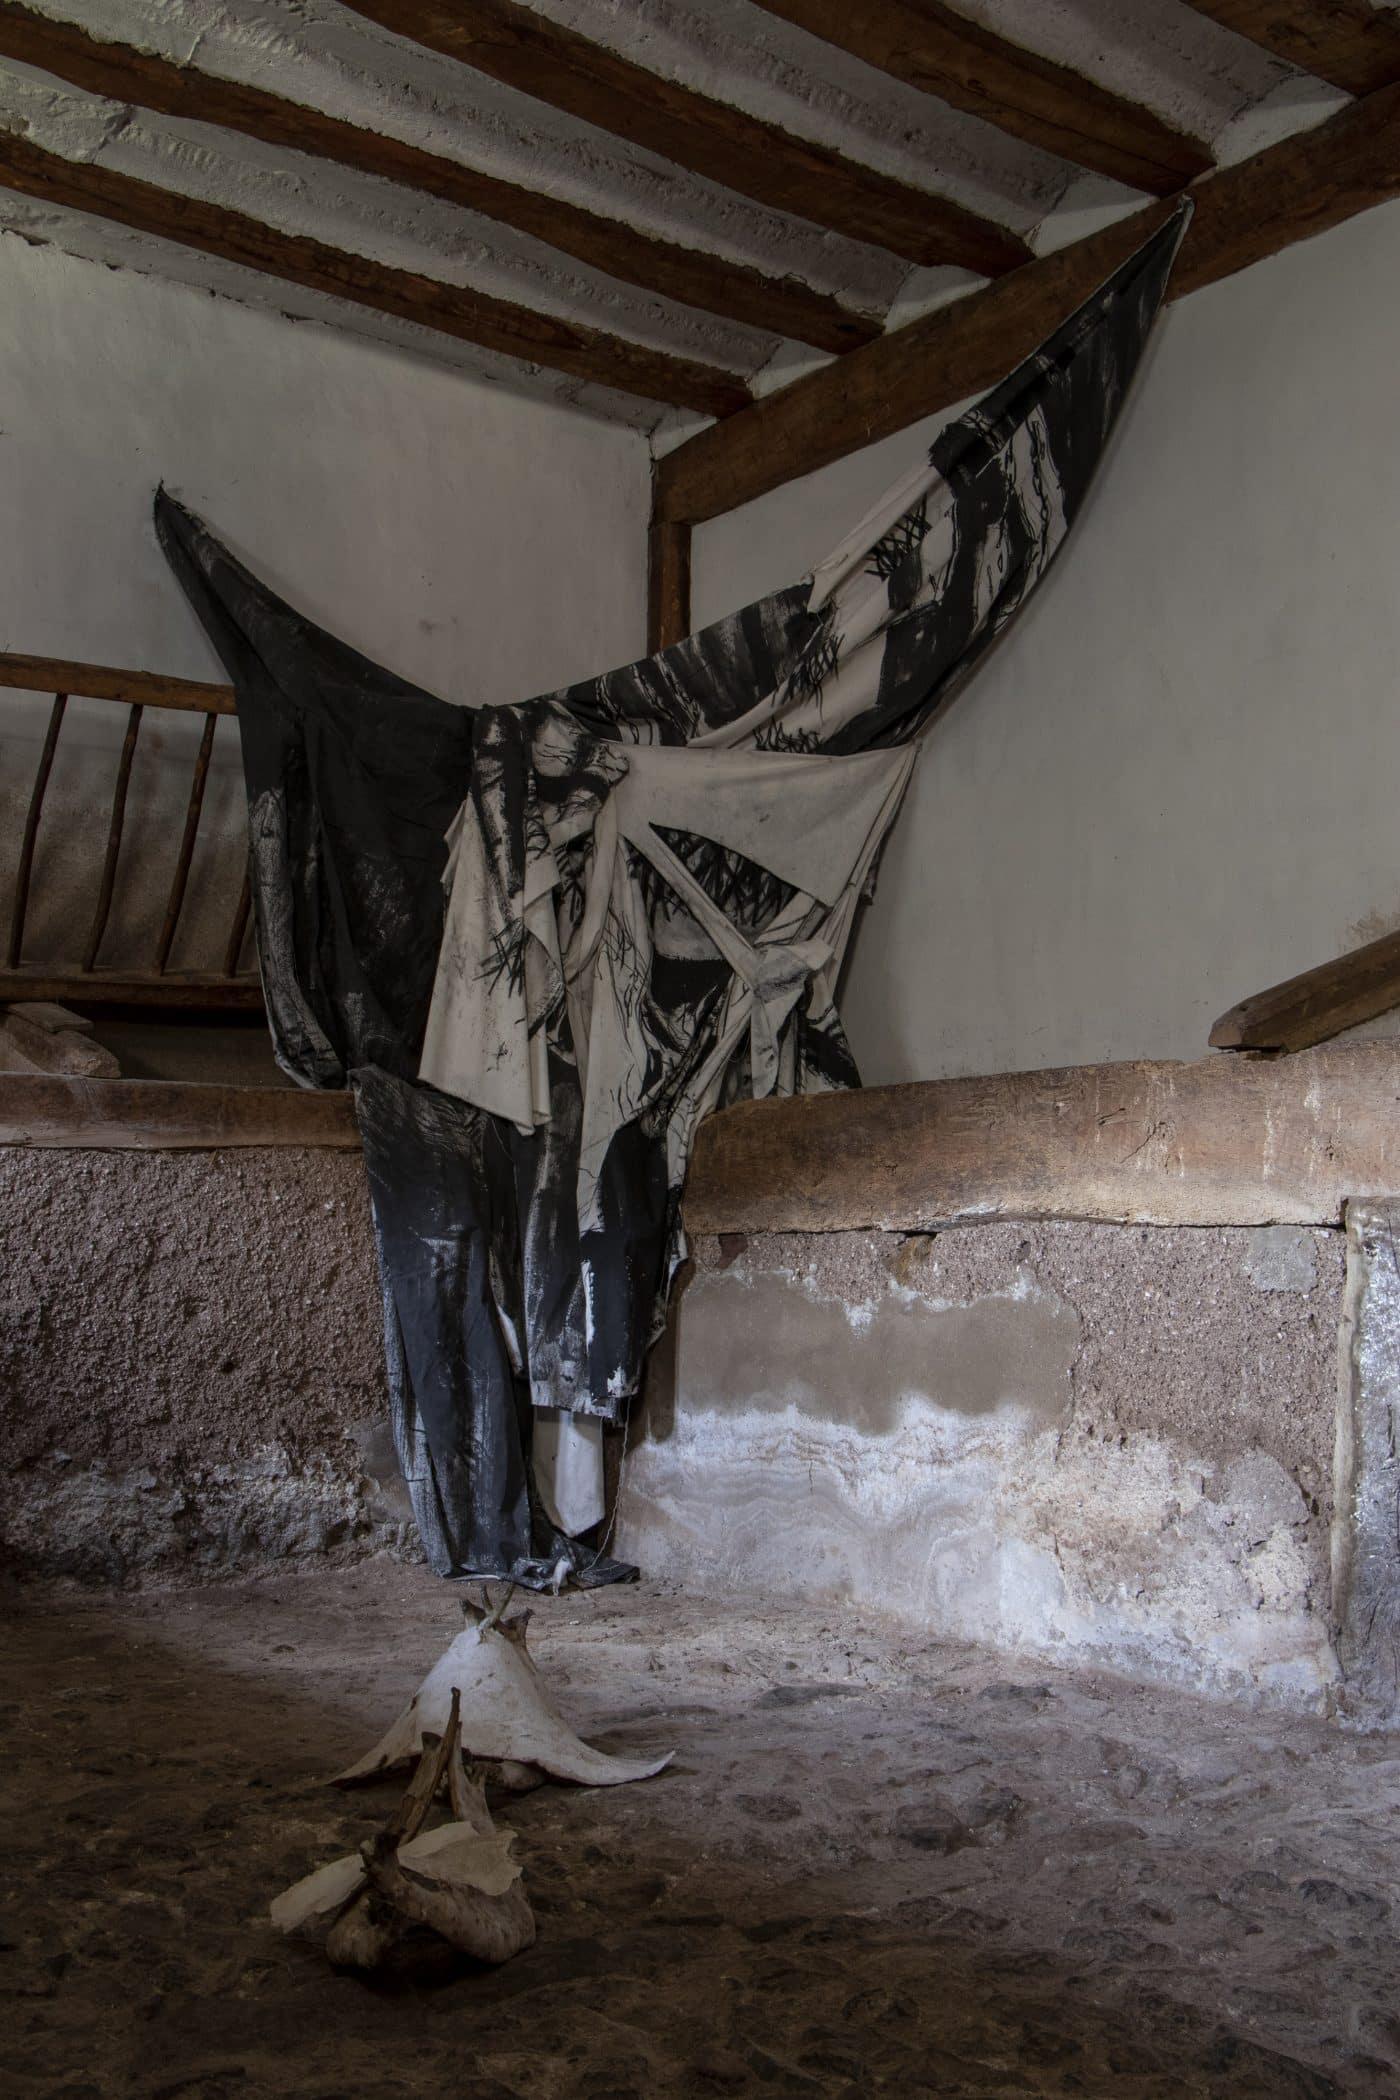 Zorromono desembarca en EspacioArteVACA en Viniegra de Abajo con 'Fragmentos rituales' 2